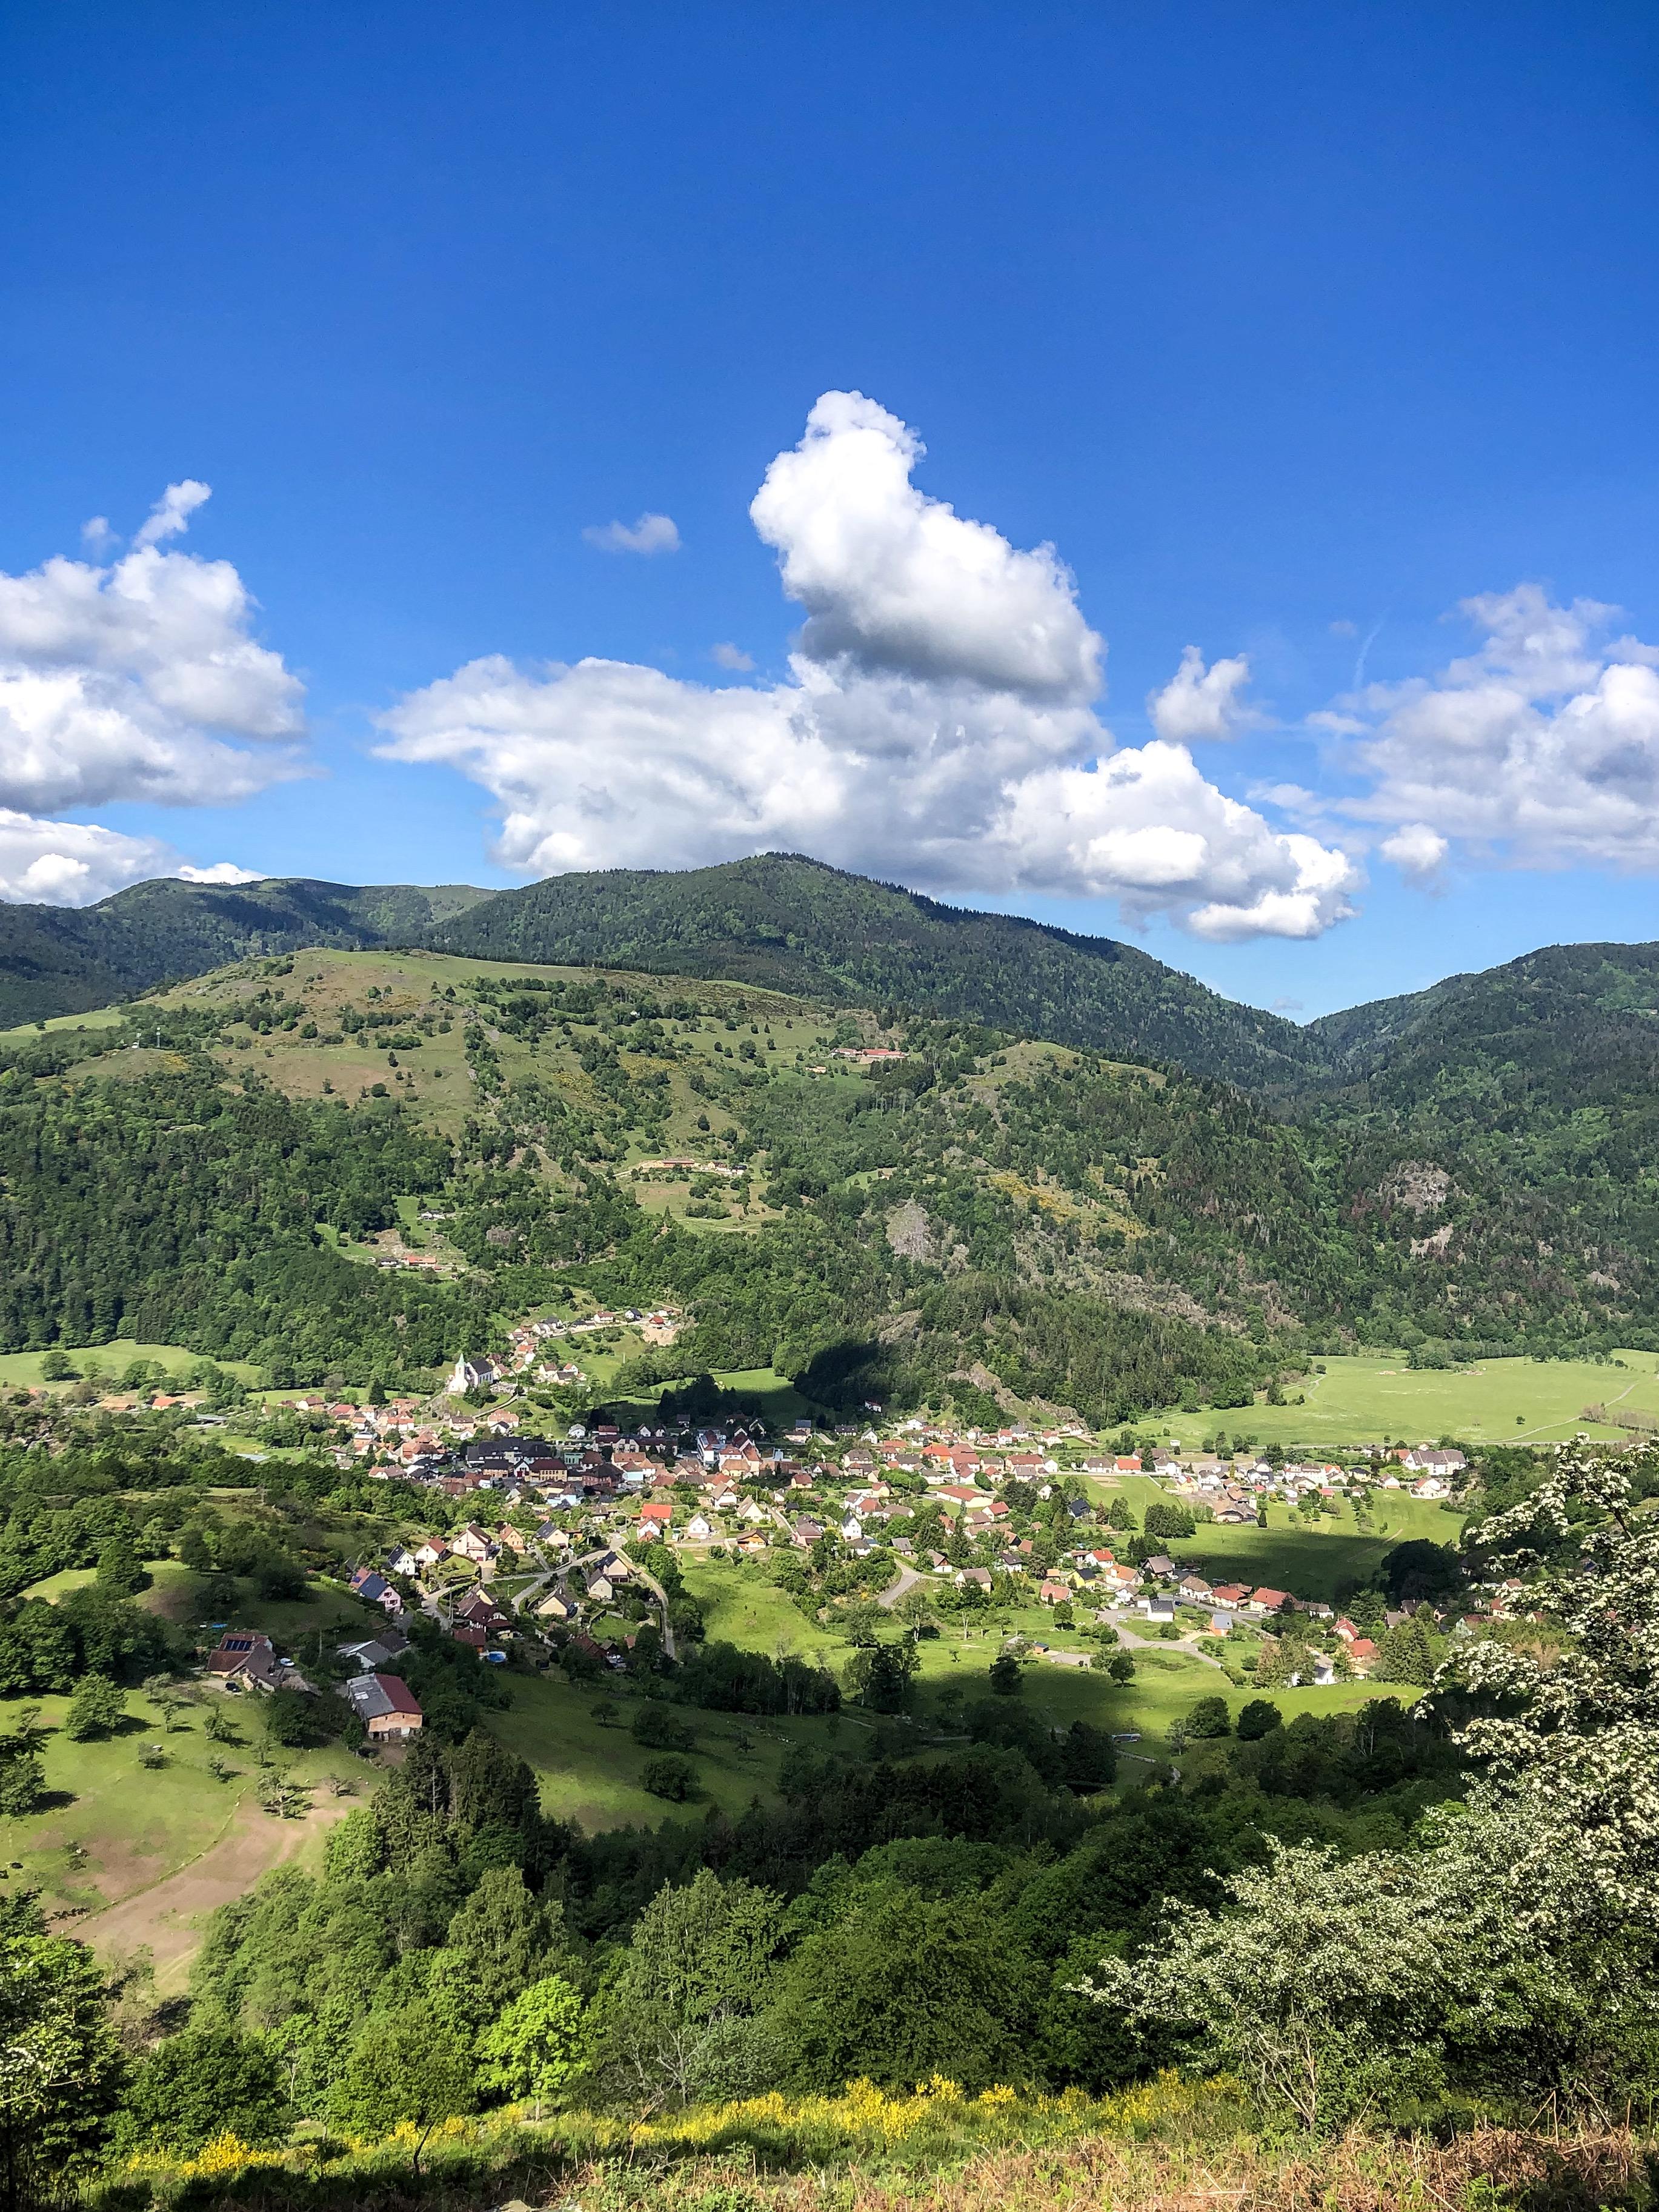 Le village de Ranspach dans la vallée de la Thur, massif des Vosges